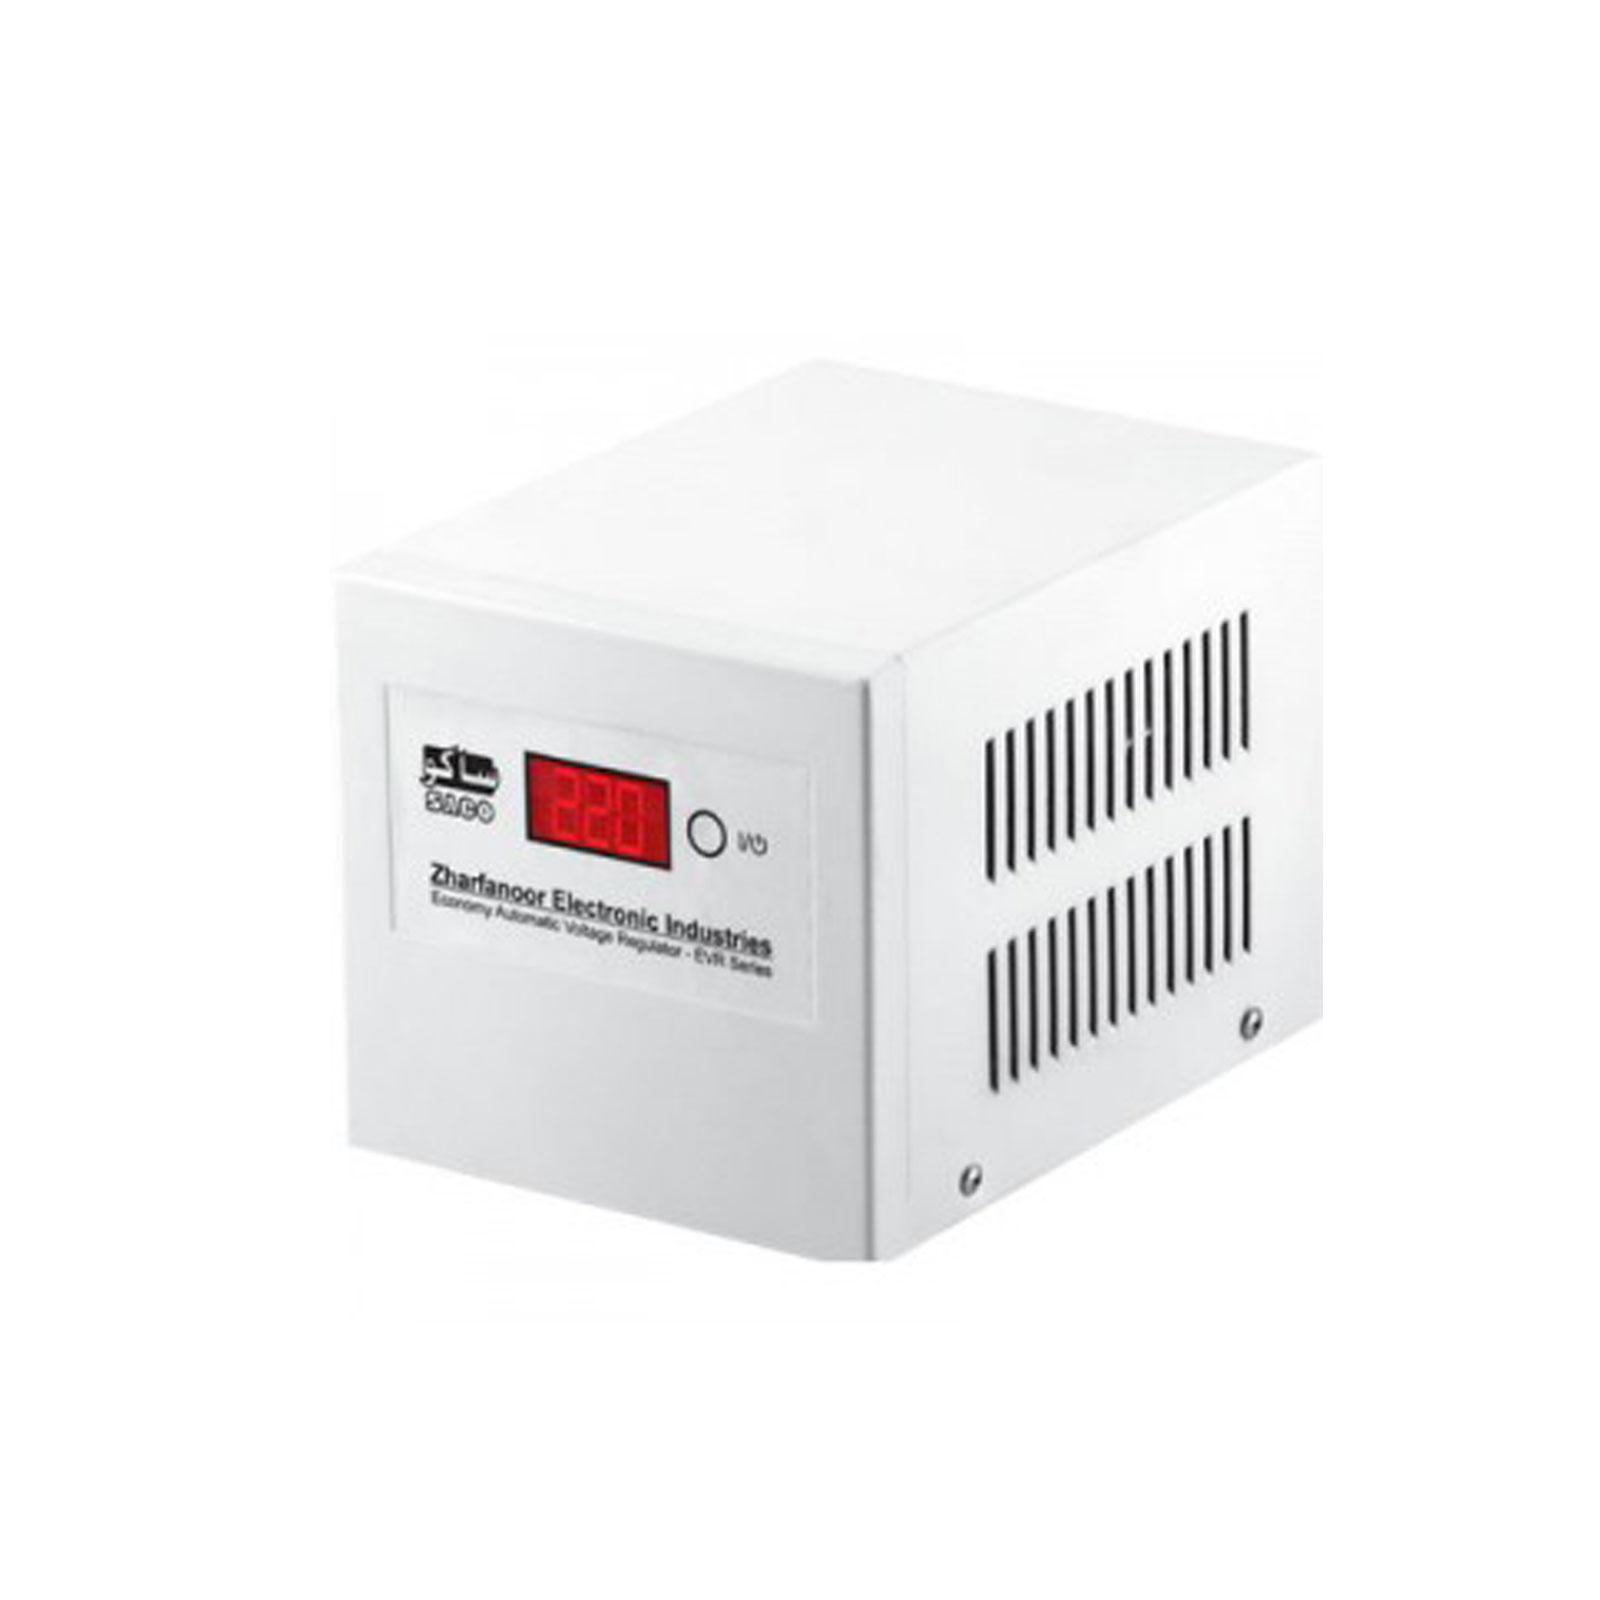 ترانس اتوماتیک دیجیتال ساکو تک فاز مدل EVR-2000